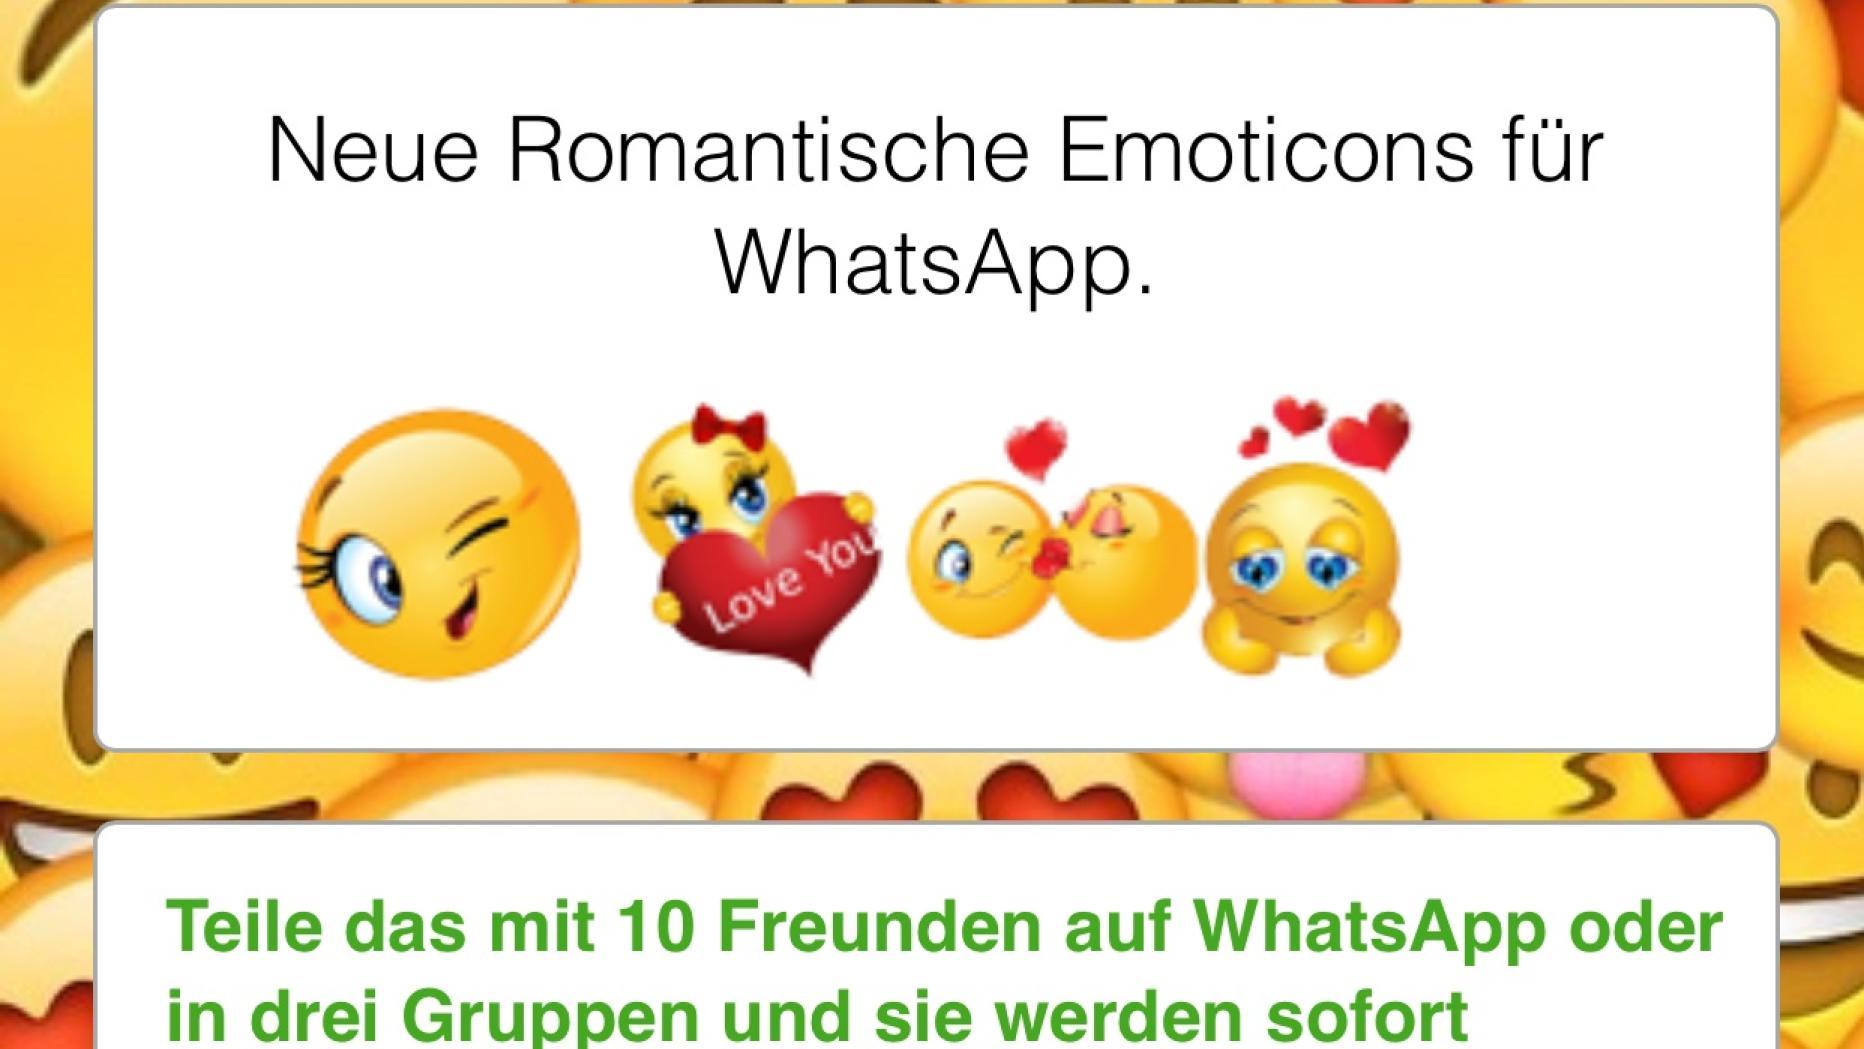 Whatsapp süße kettenbriefe